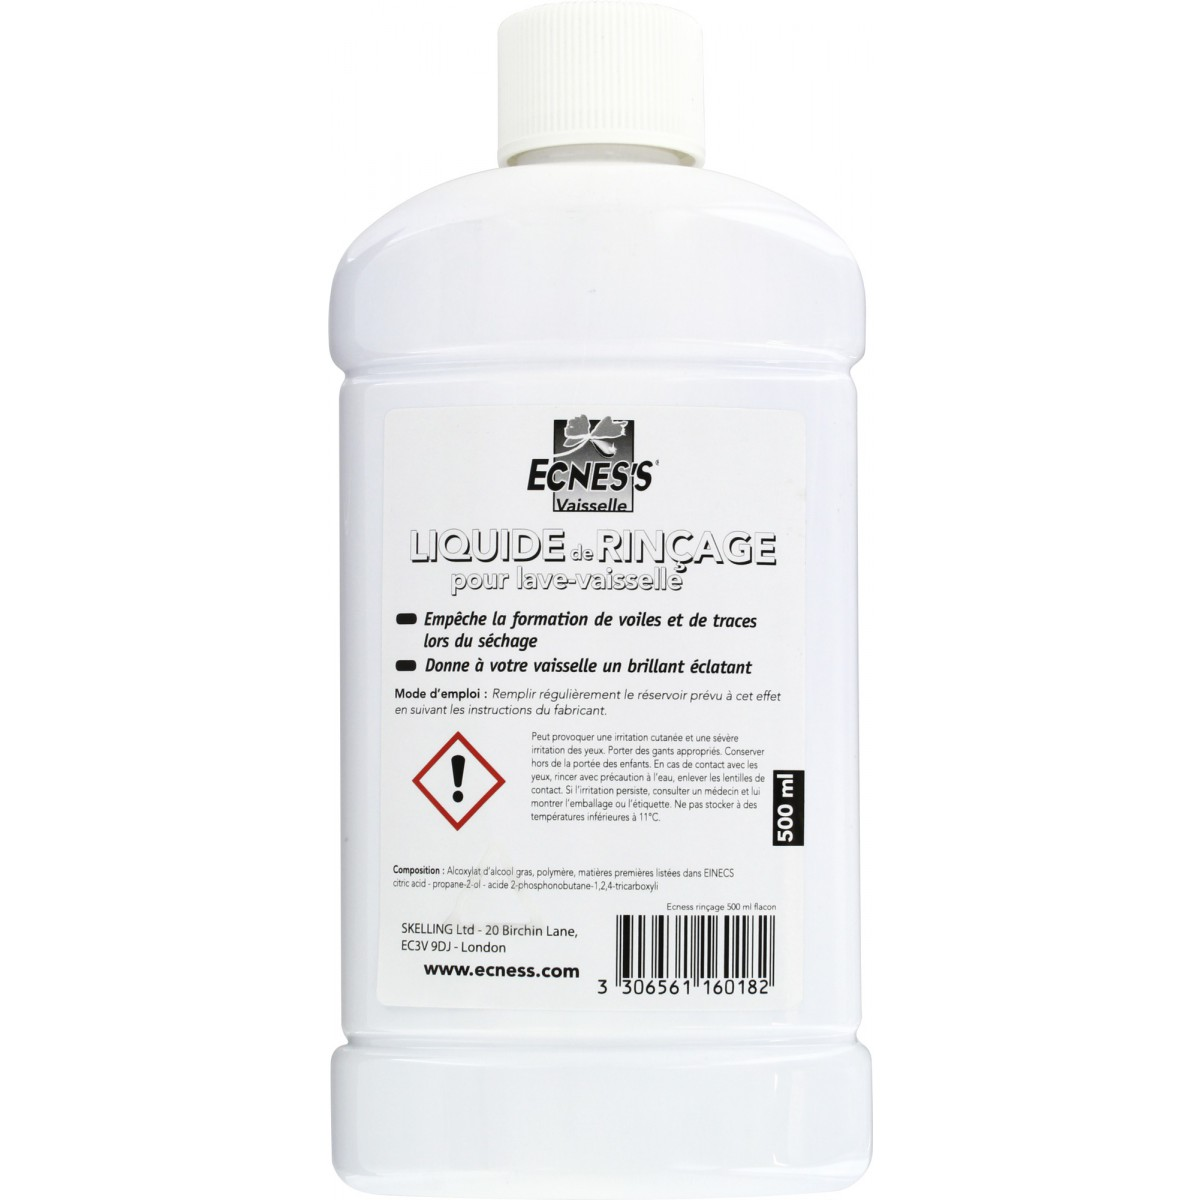 Liquide de rinçage Ecness - Flacon 500 ml